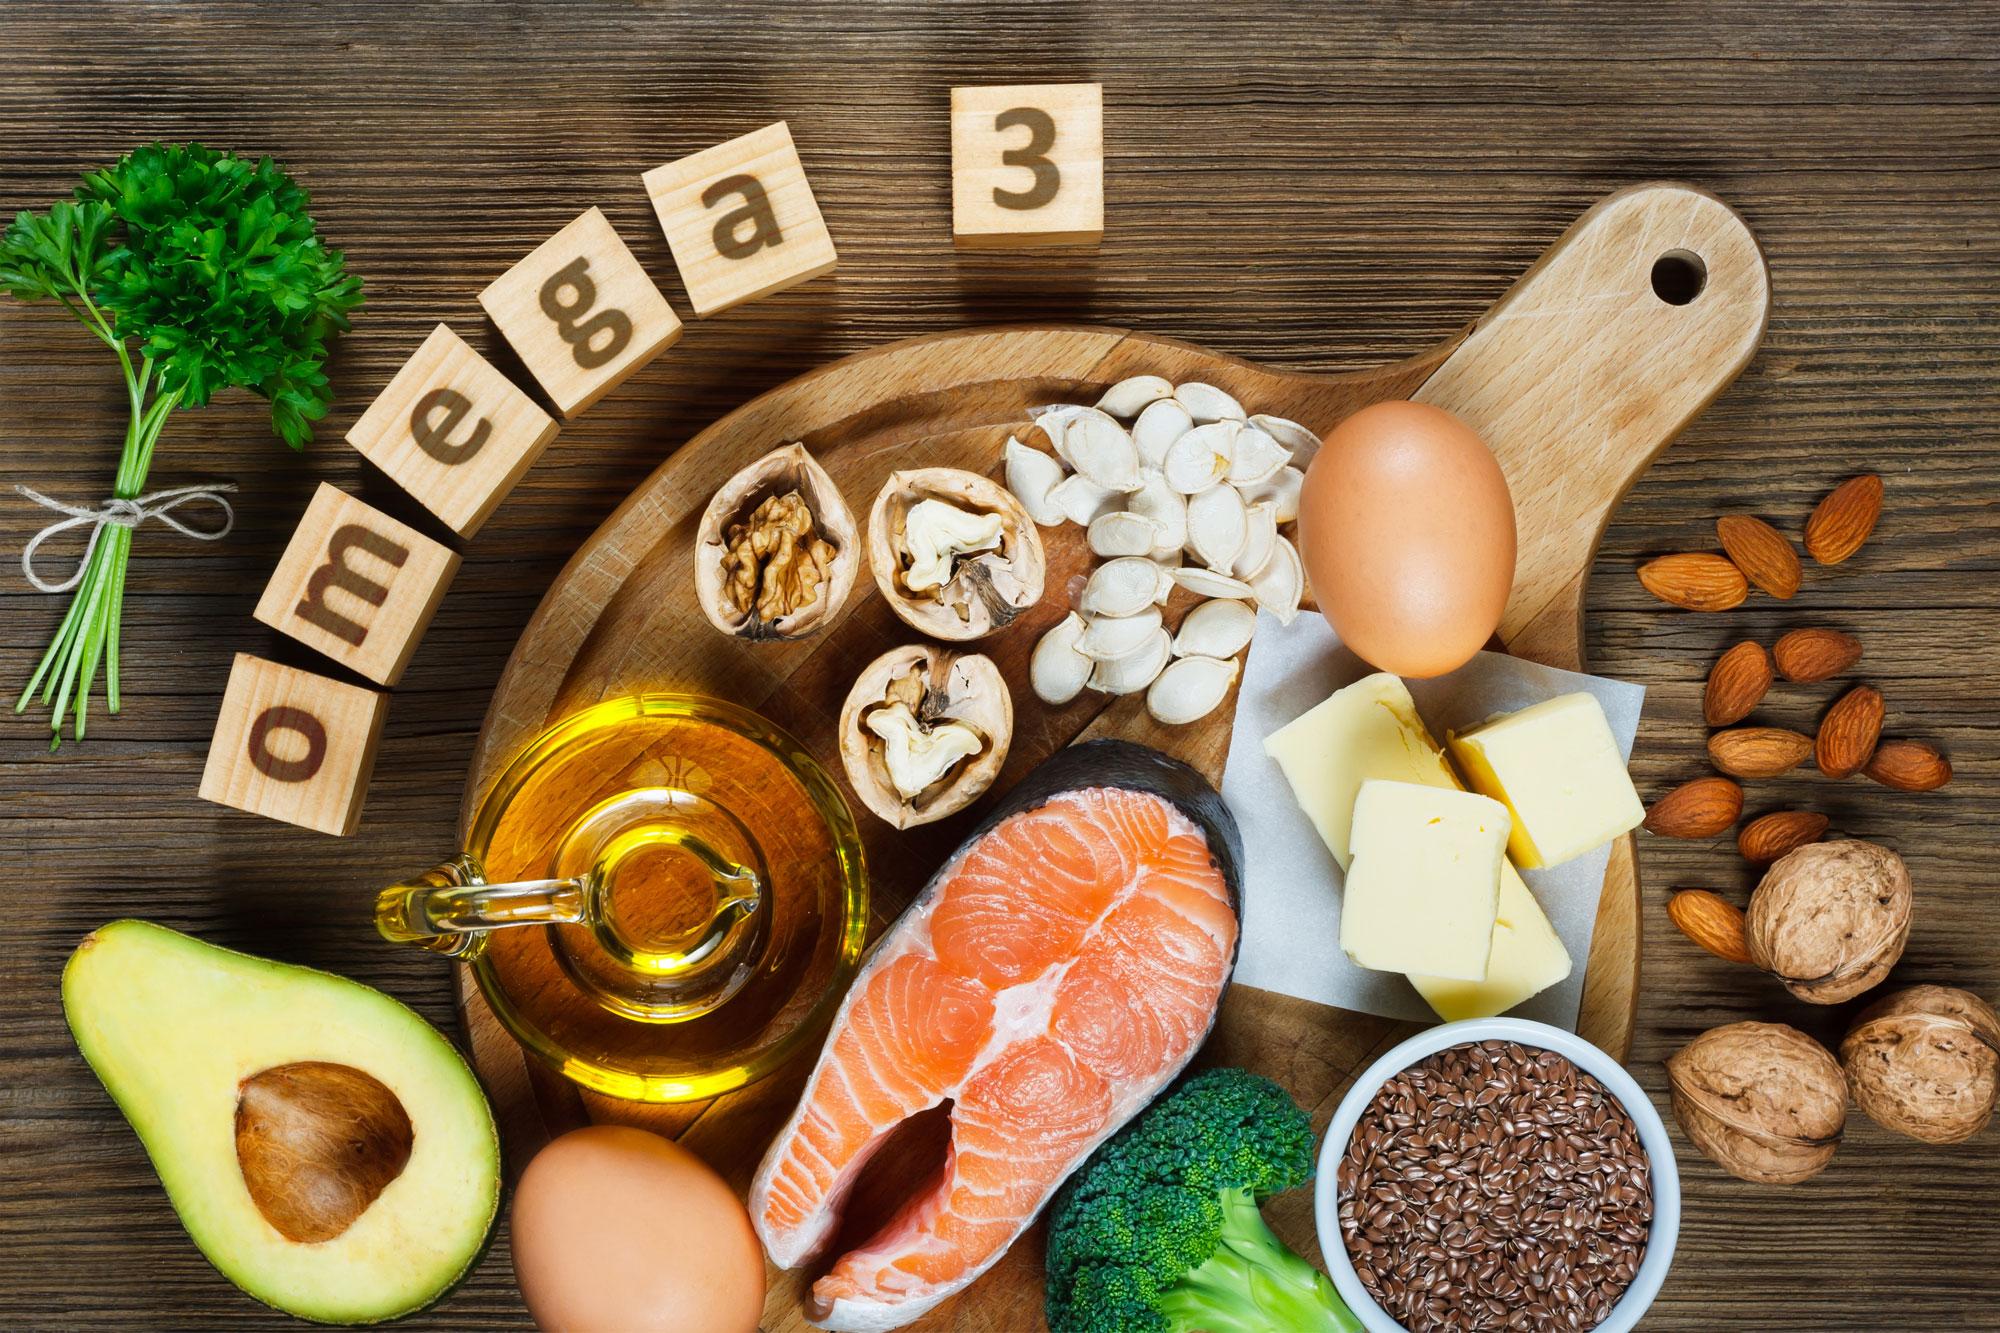 Kwasy omega-3, a zdrowie – ile jemy, ile powinniśmy i w jakich proporcjach?